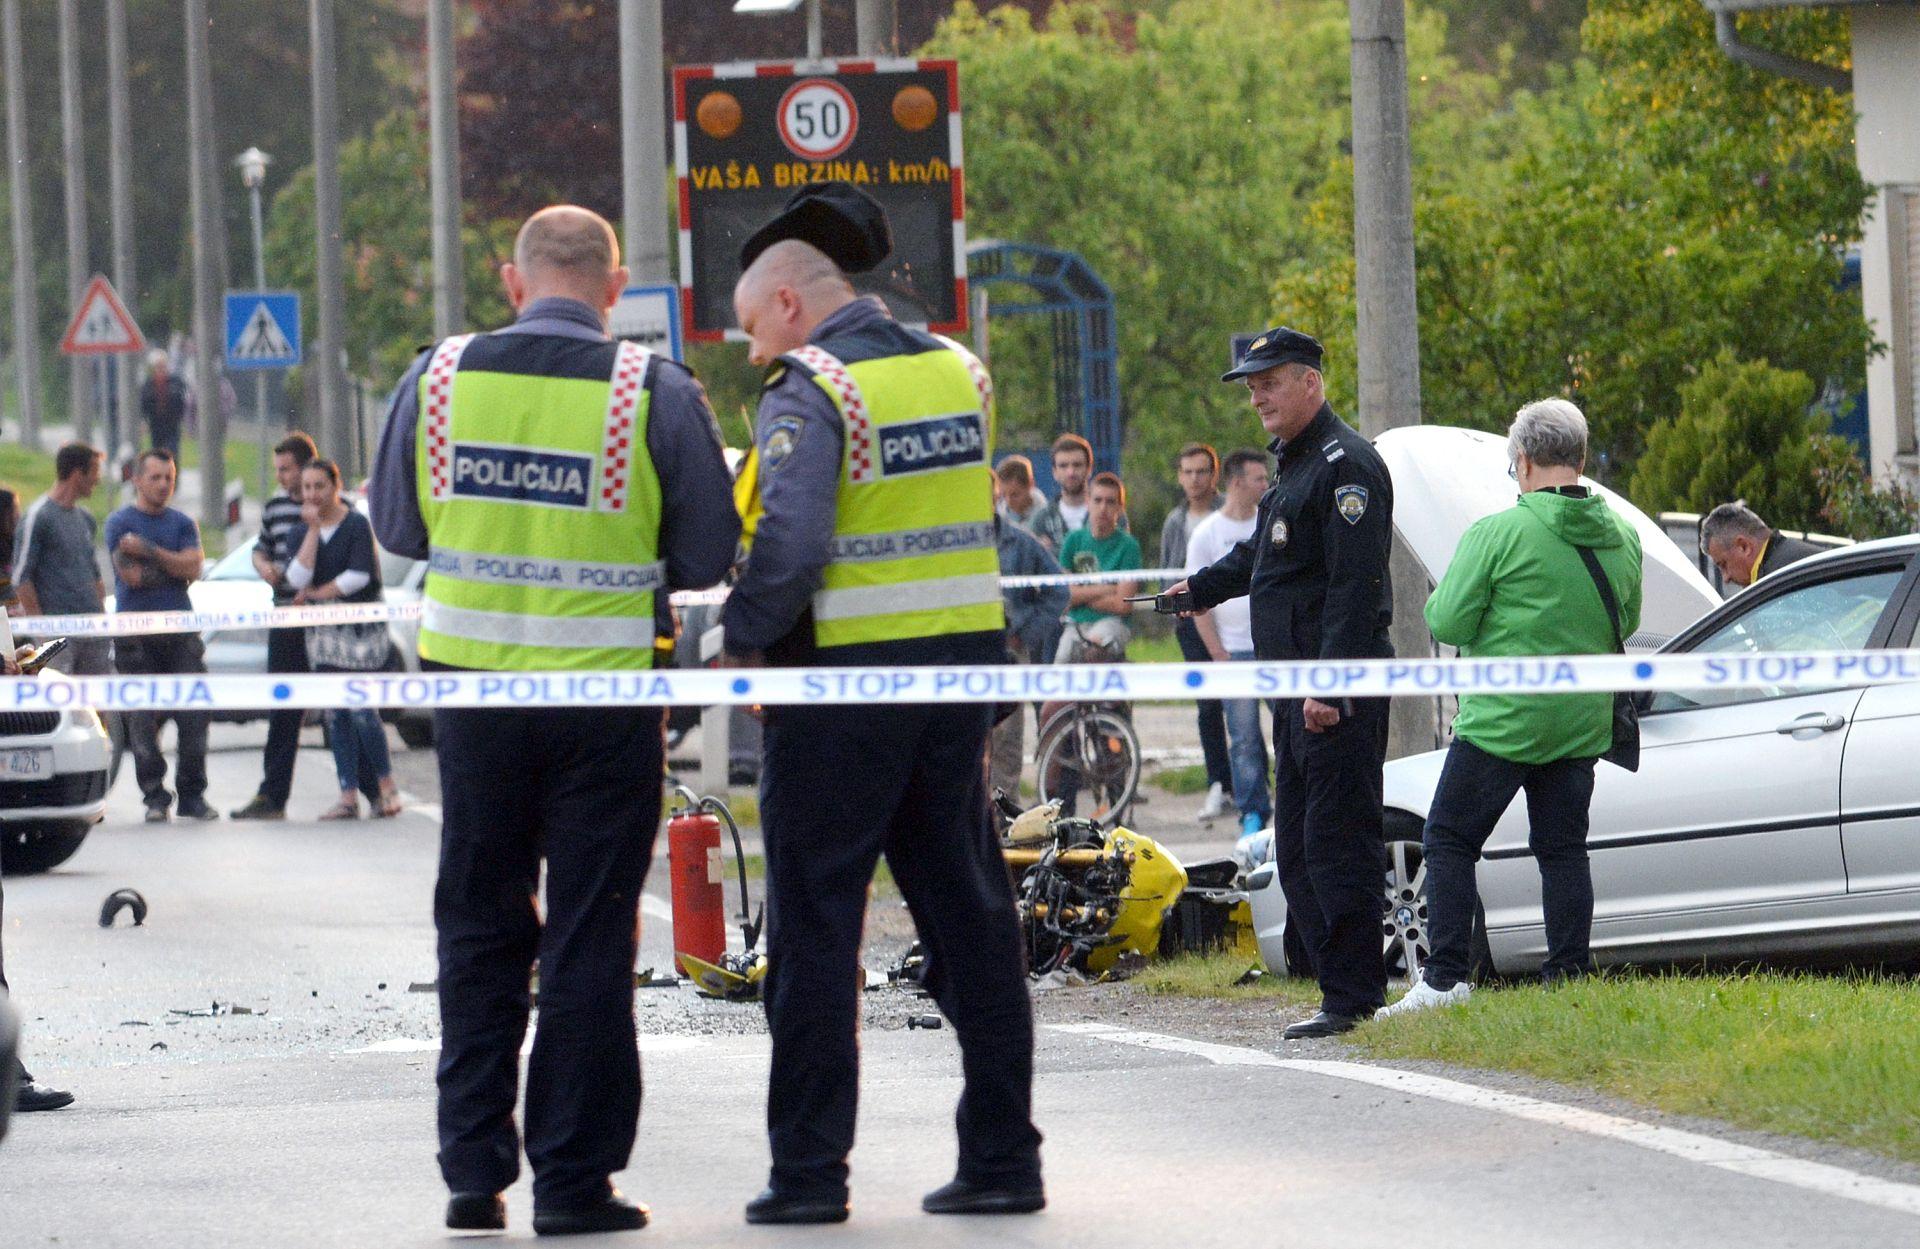 PROMETNA NESREĆA: Na cesti Pula-Rijeka poginuo njemački motociklist